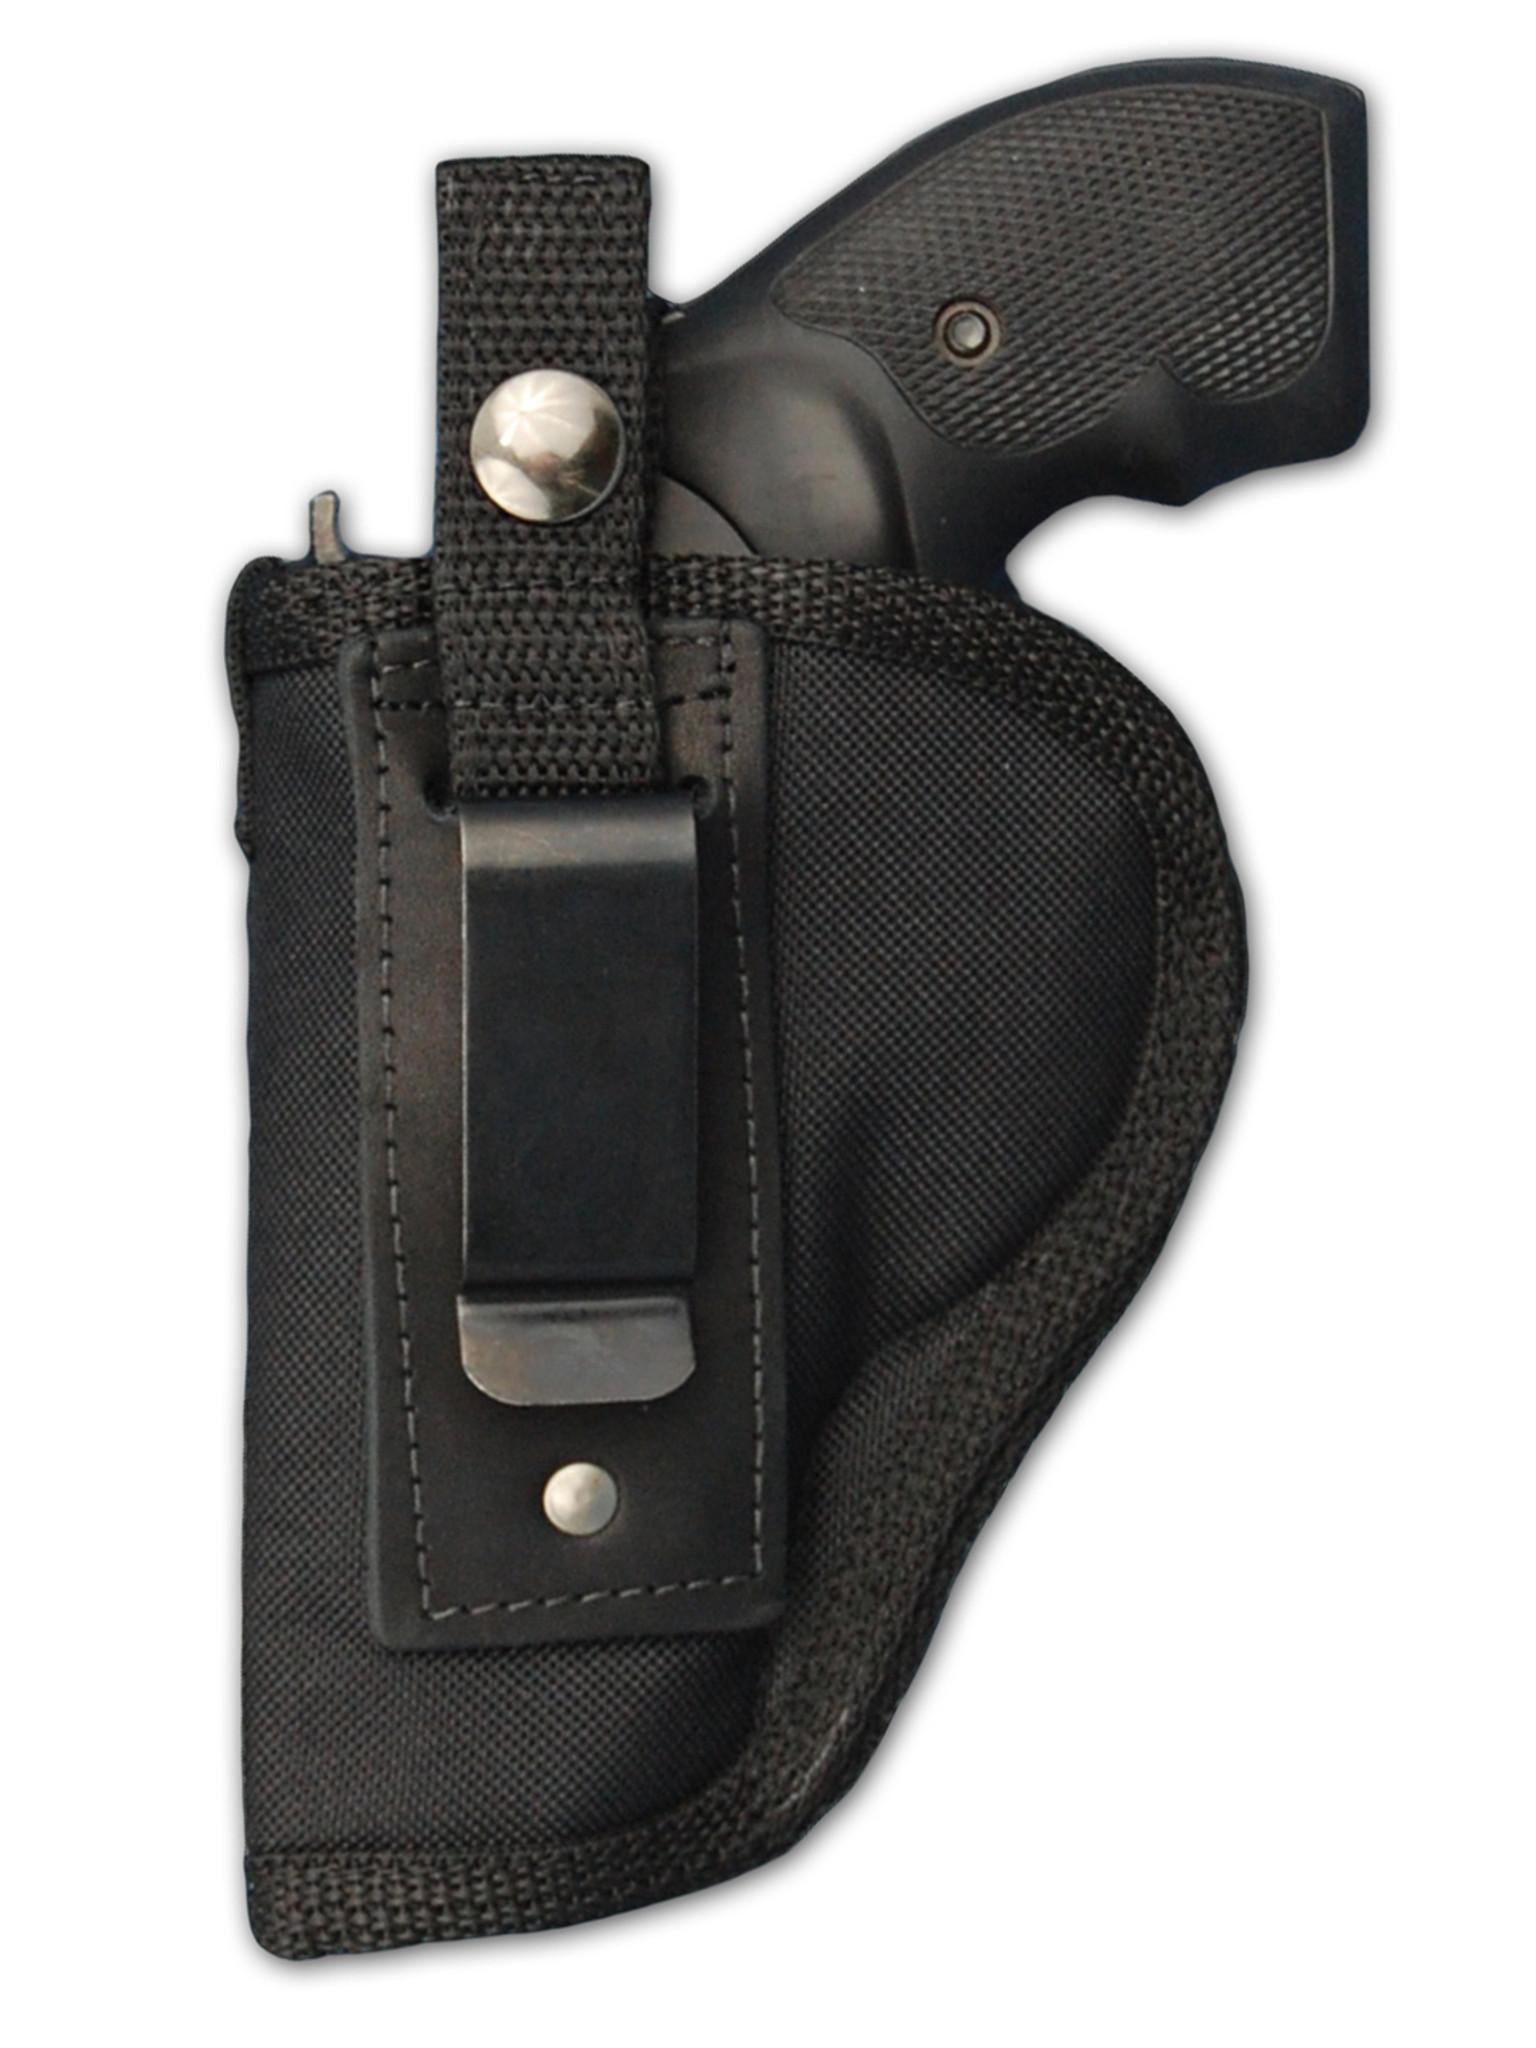 Ruger lcr 38 or 357 revolver belt holster with adjustable strap